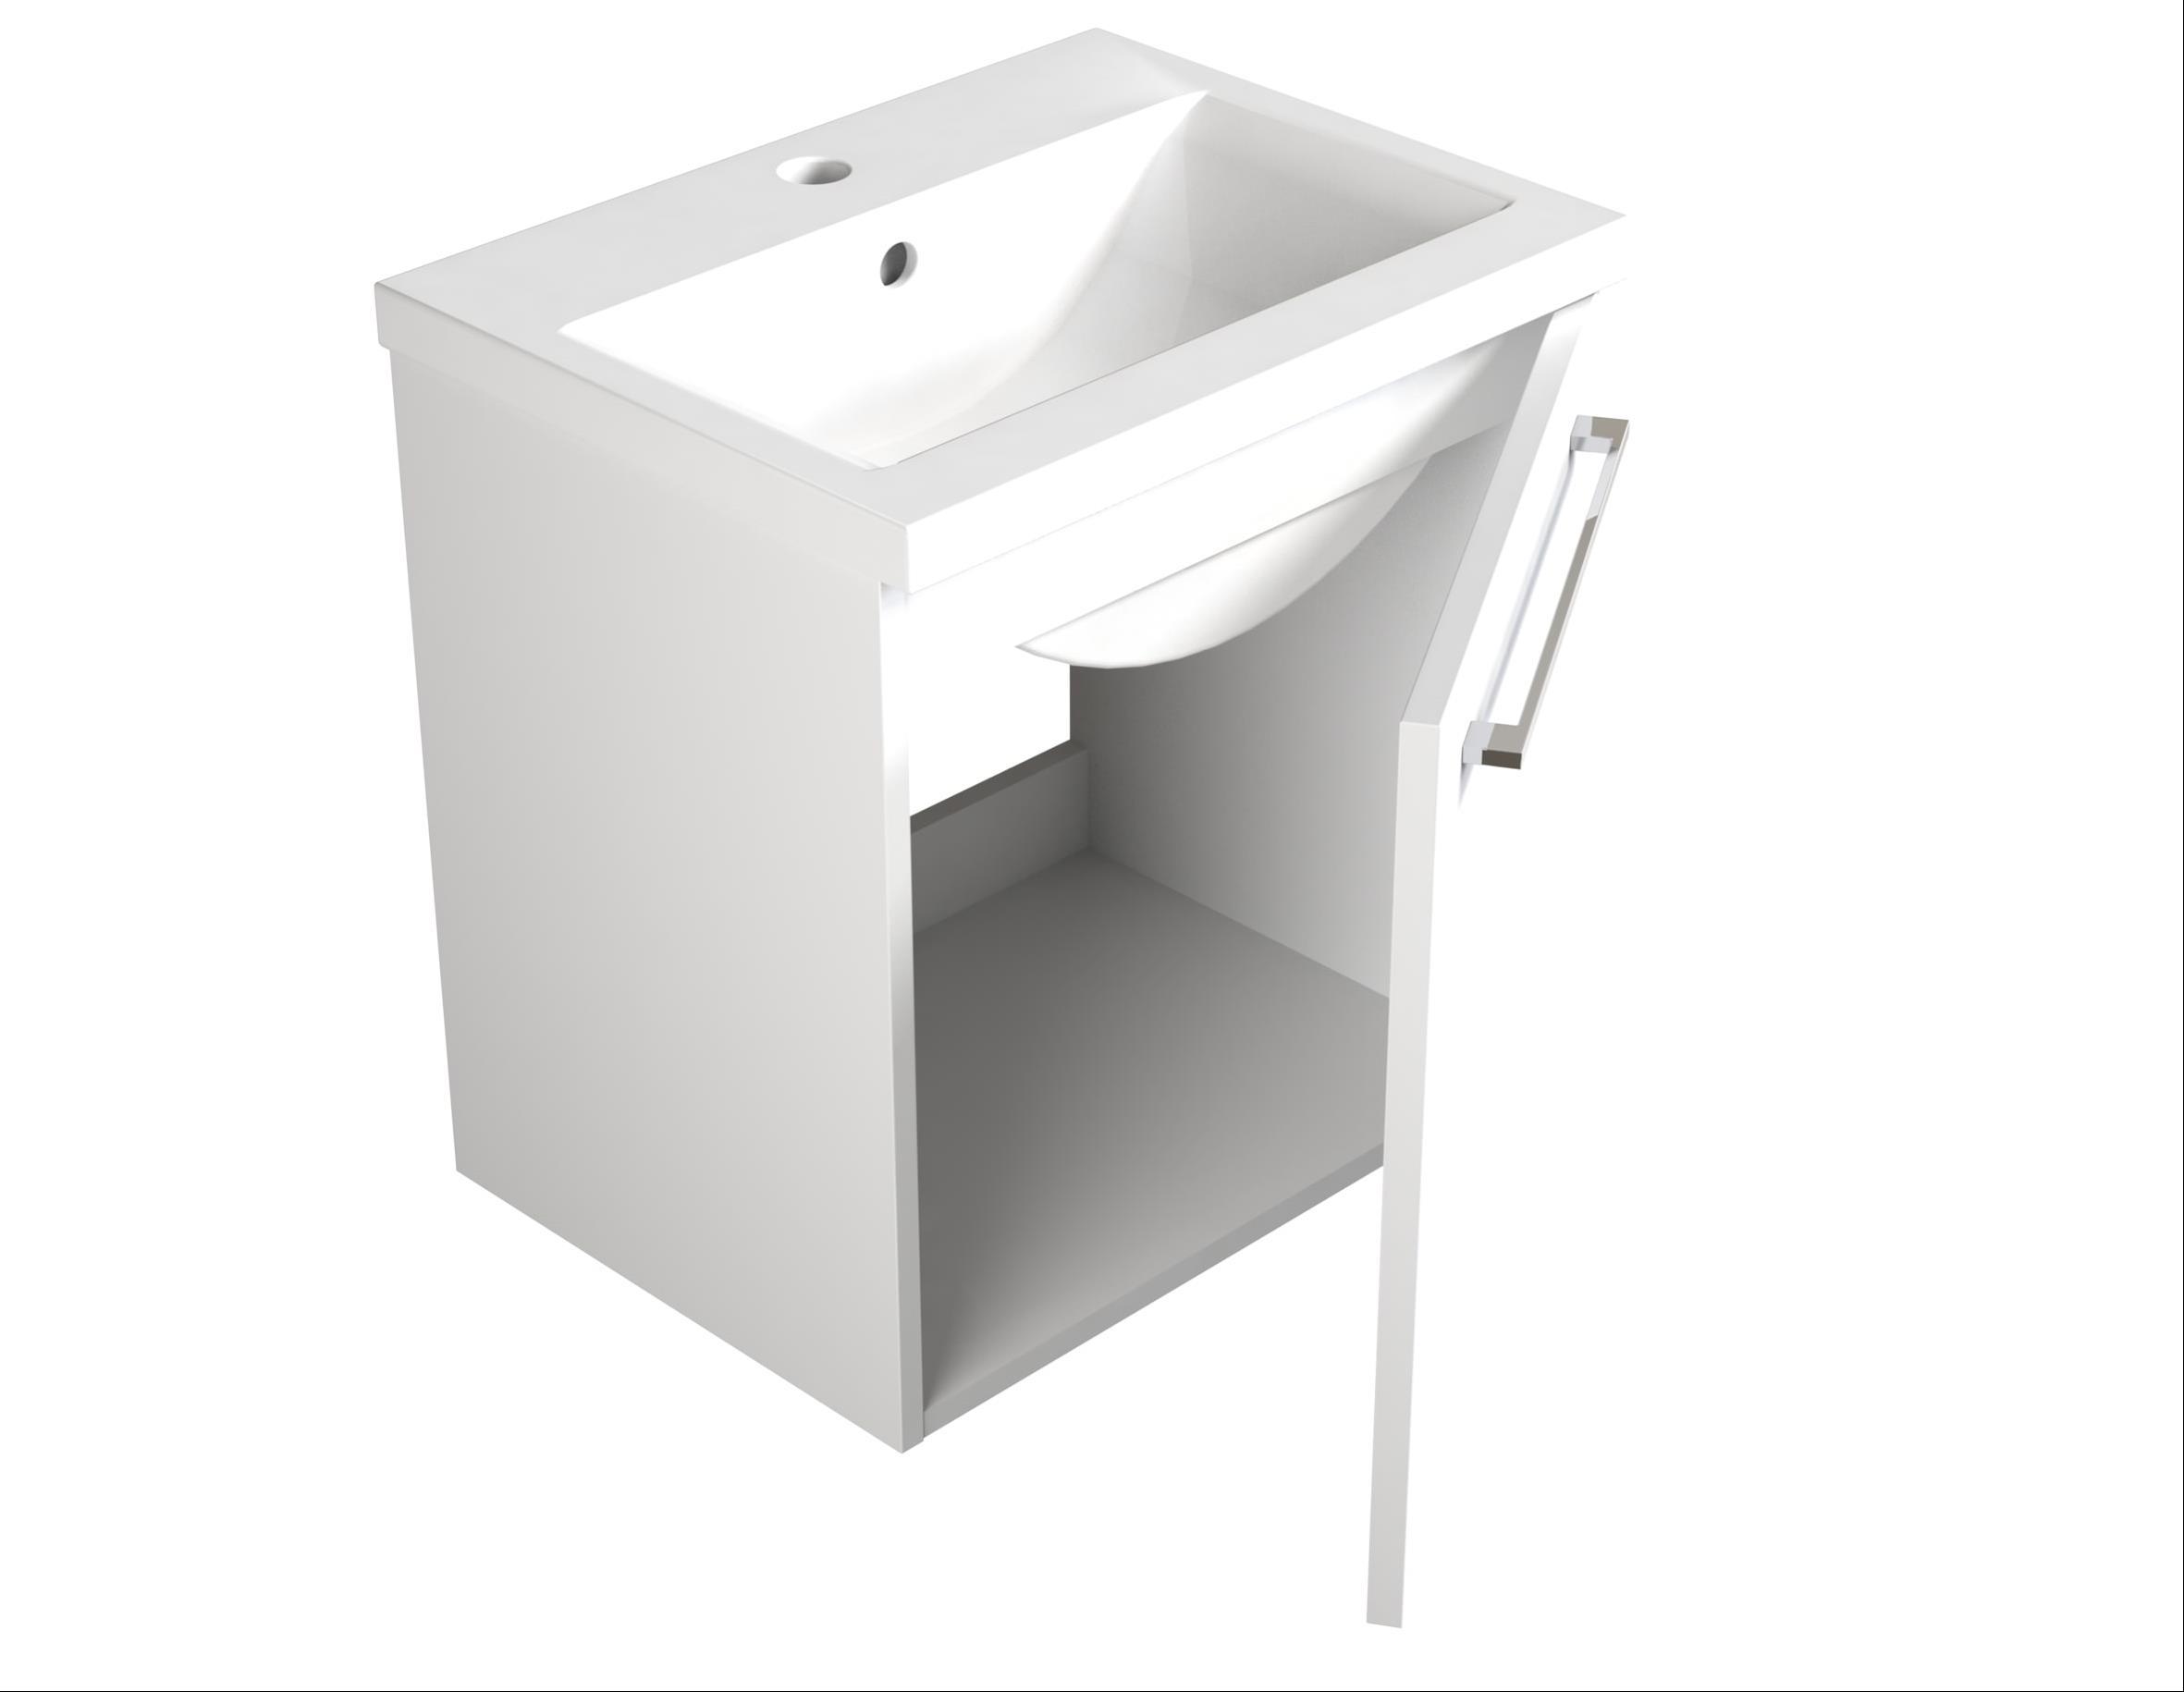 Bad Waschtischunterschrank mit Keramik-Waschtisch Scandic 50 Weiß glänzend Bild 3